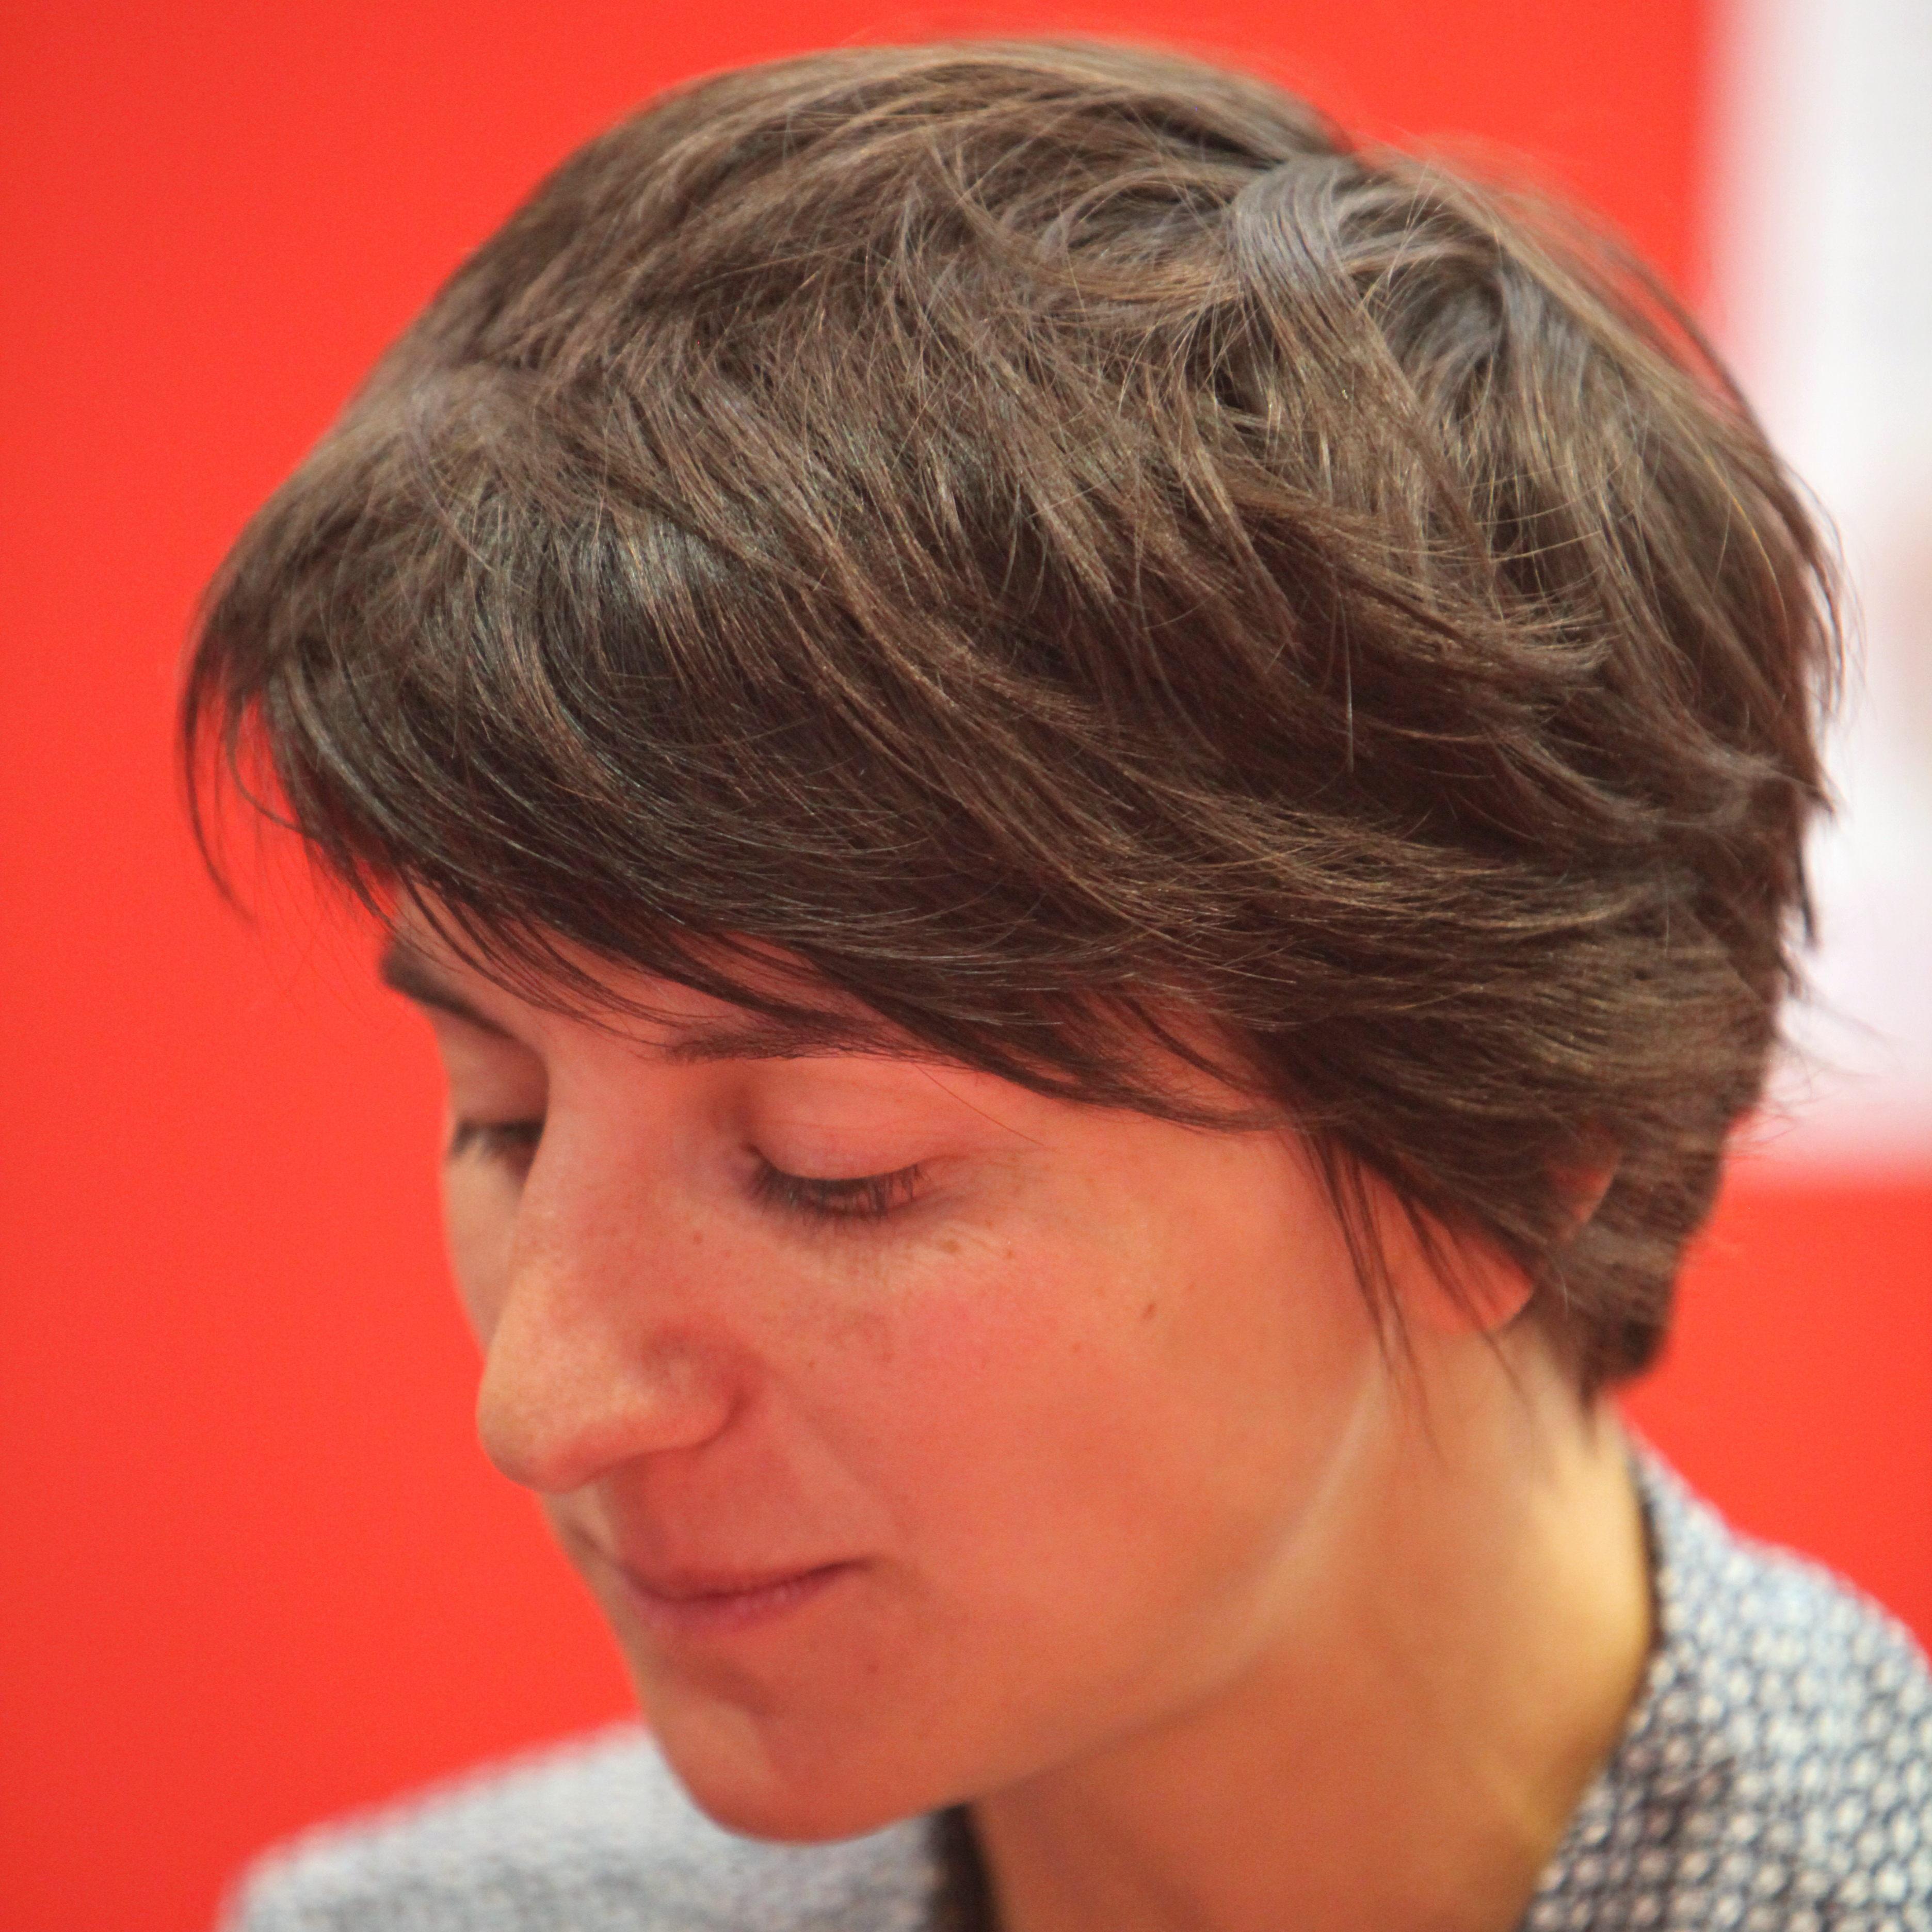 Suzanne Roquette - IMDb